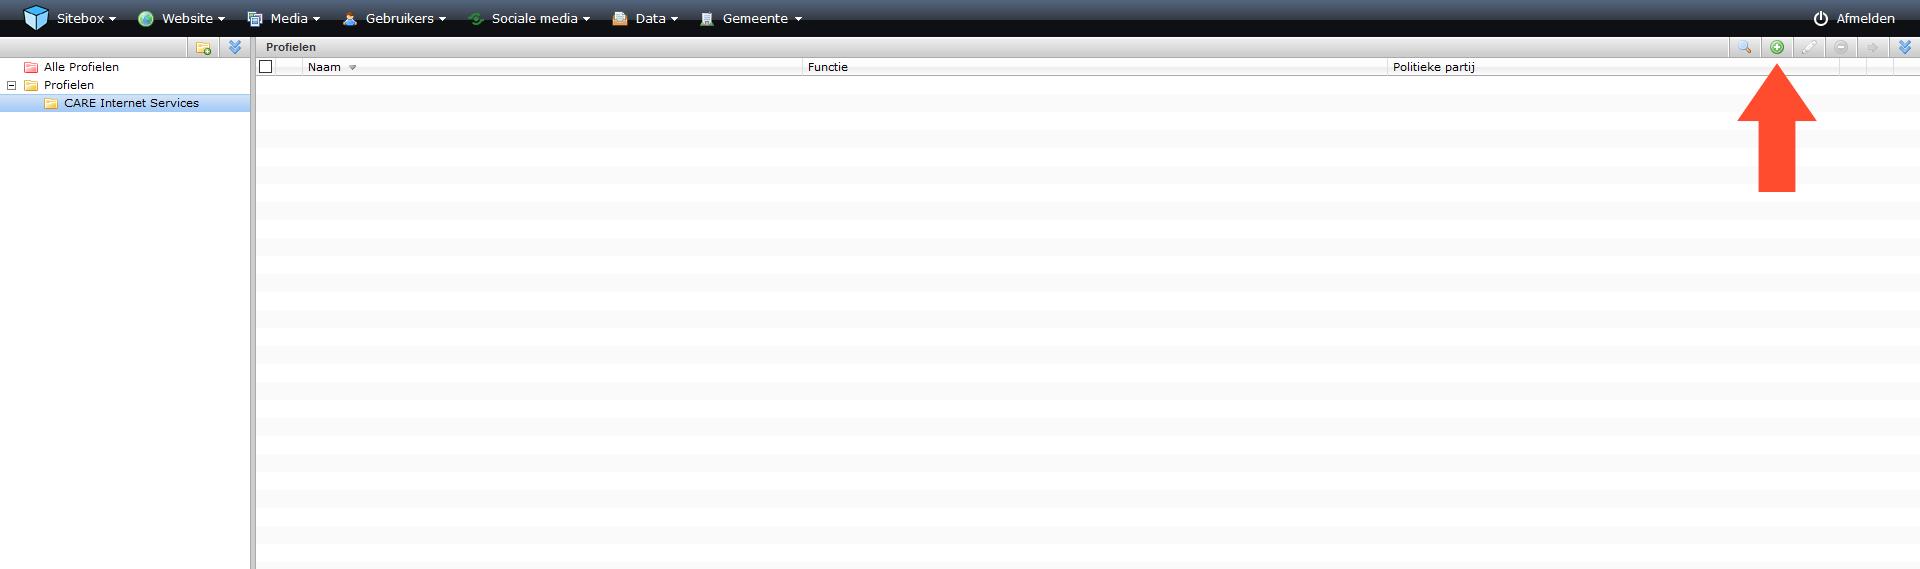 schermafdruk van de module profielen met een pijl naar de actieknop toevoegen